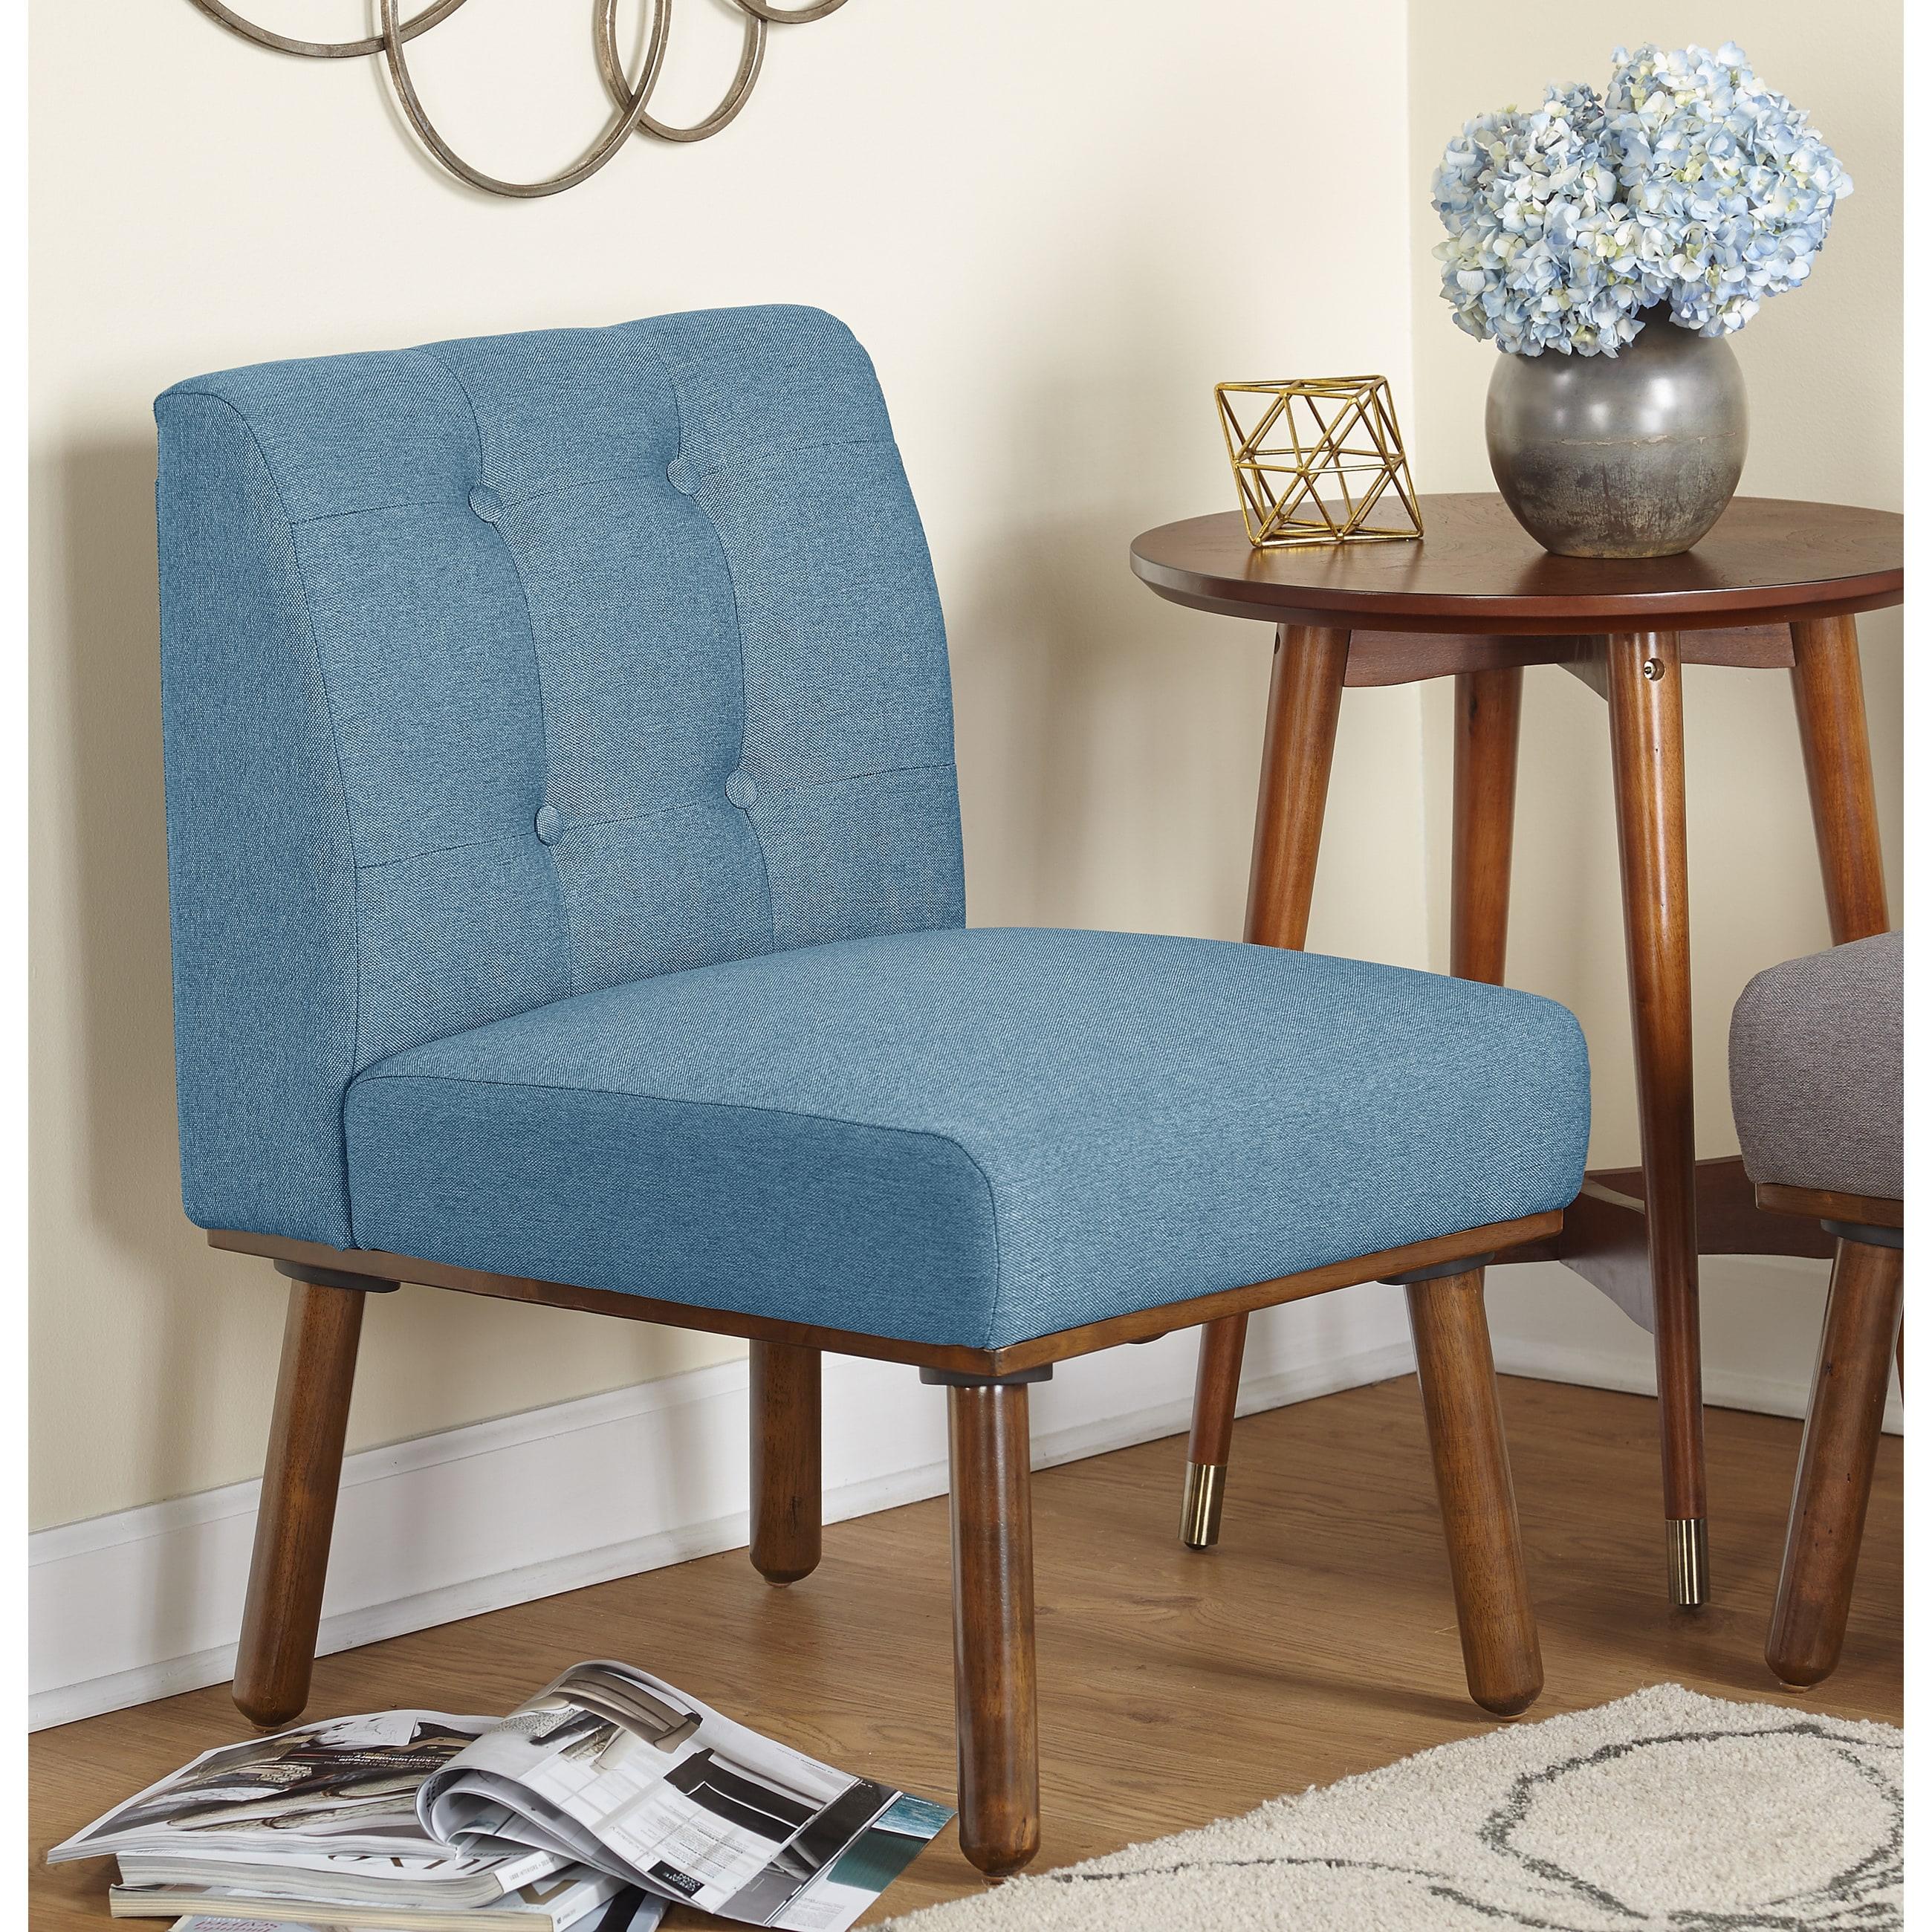 Blue Dining Room & Bar Furniture | Find Great Furniture Deals ...